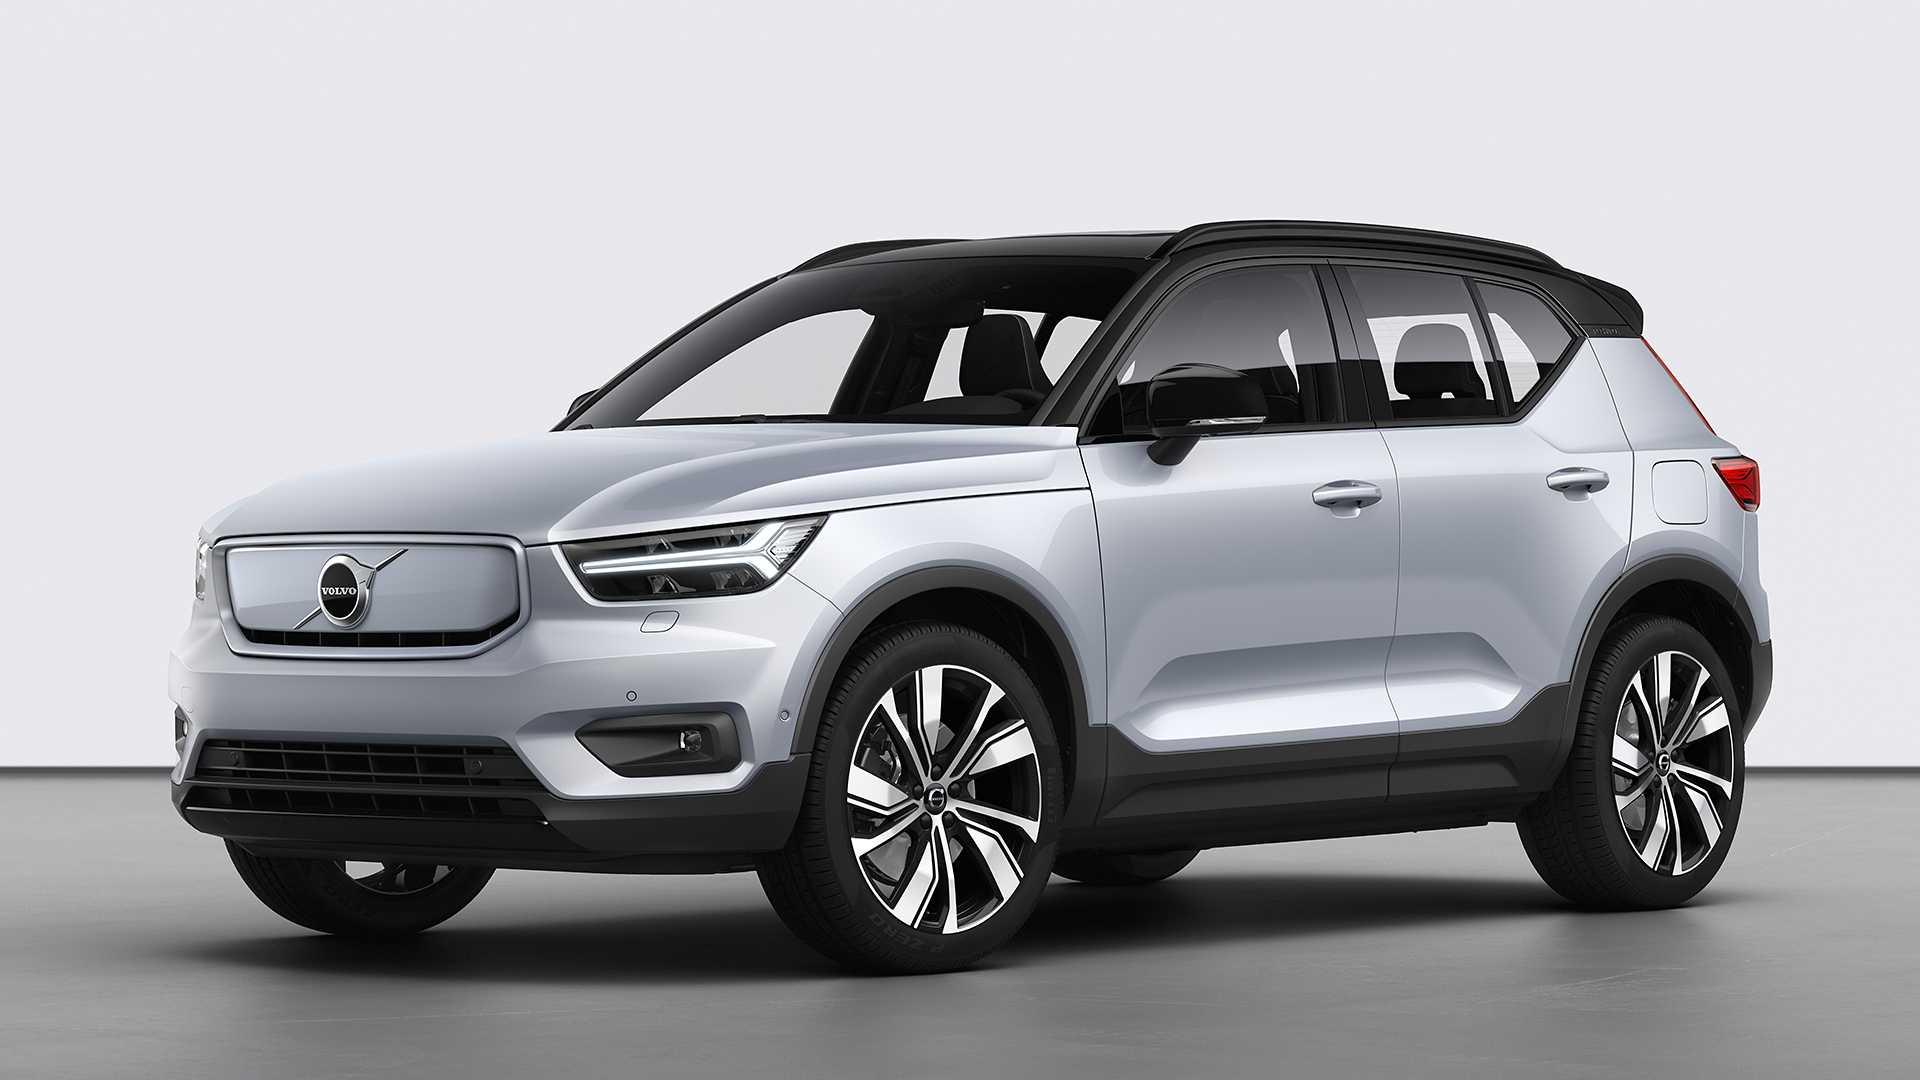 XC40 Volvo ريتشارج الكهربائية 2020 1571476341721.jpg